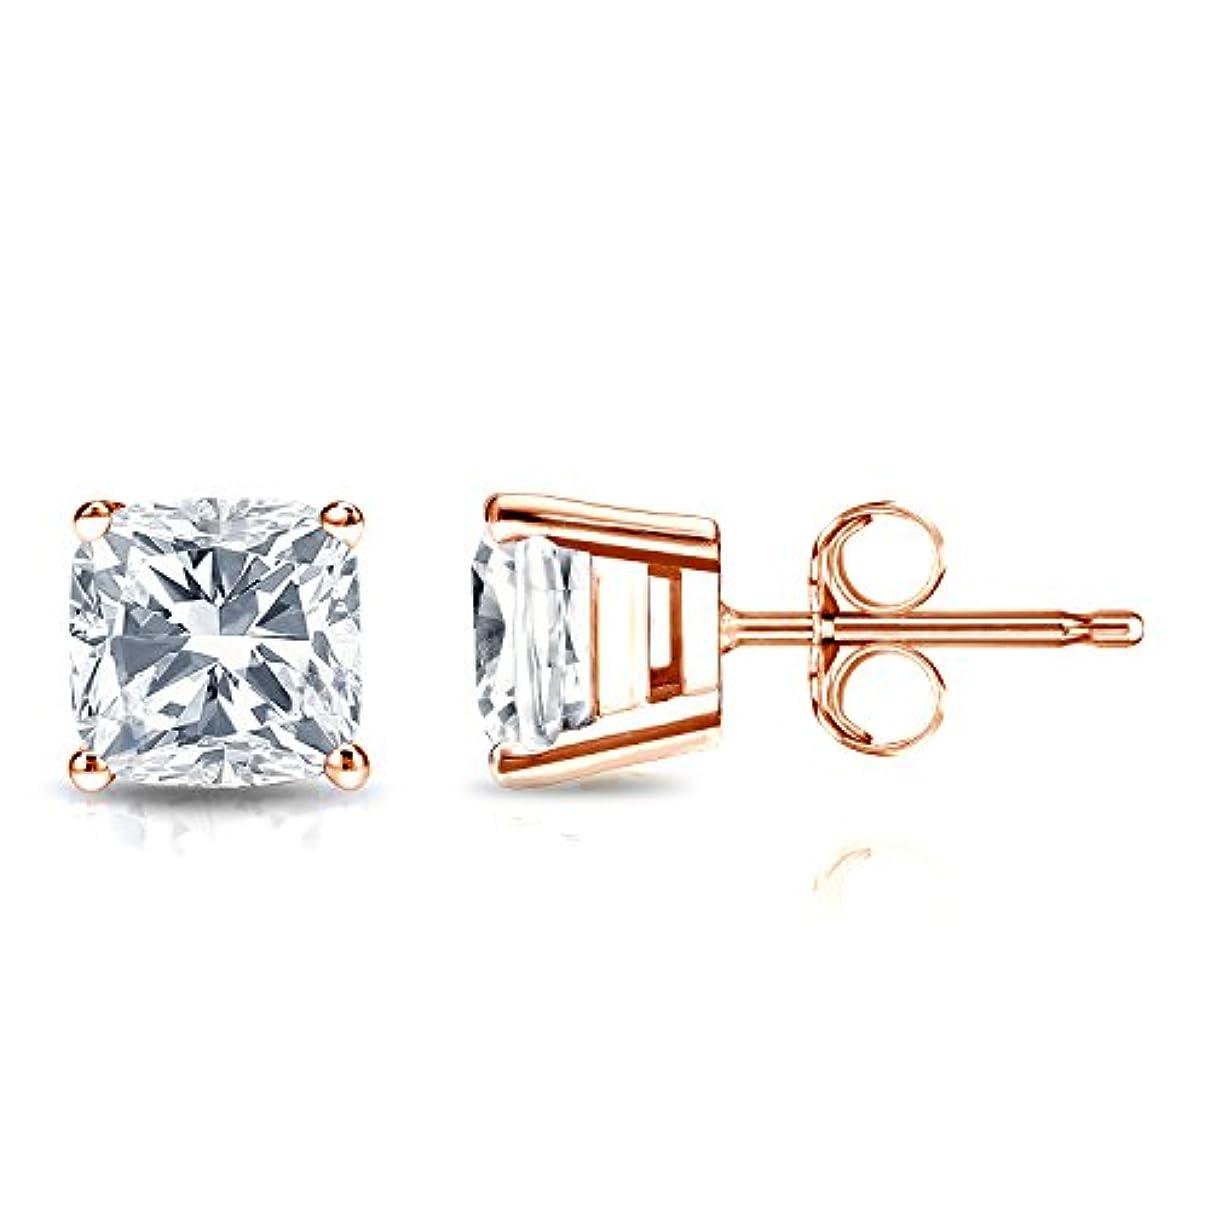 ロードハウス静的水銀の14 KローズゴールドクッションダイヤモンドSimulant CZメンズスタッドイヤリング( 1 / 2 – 2 Cttw、優れた品質)